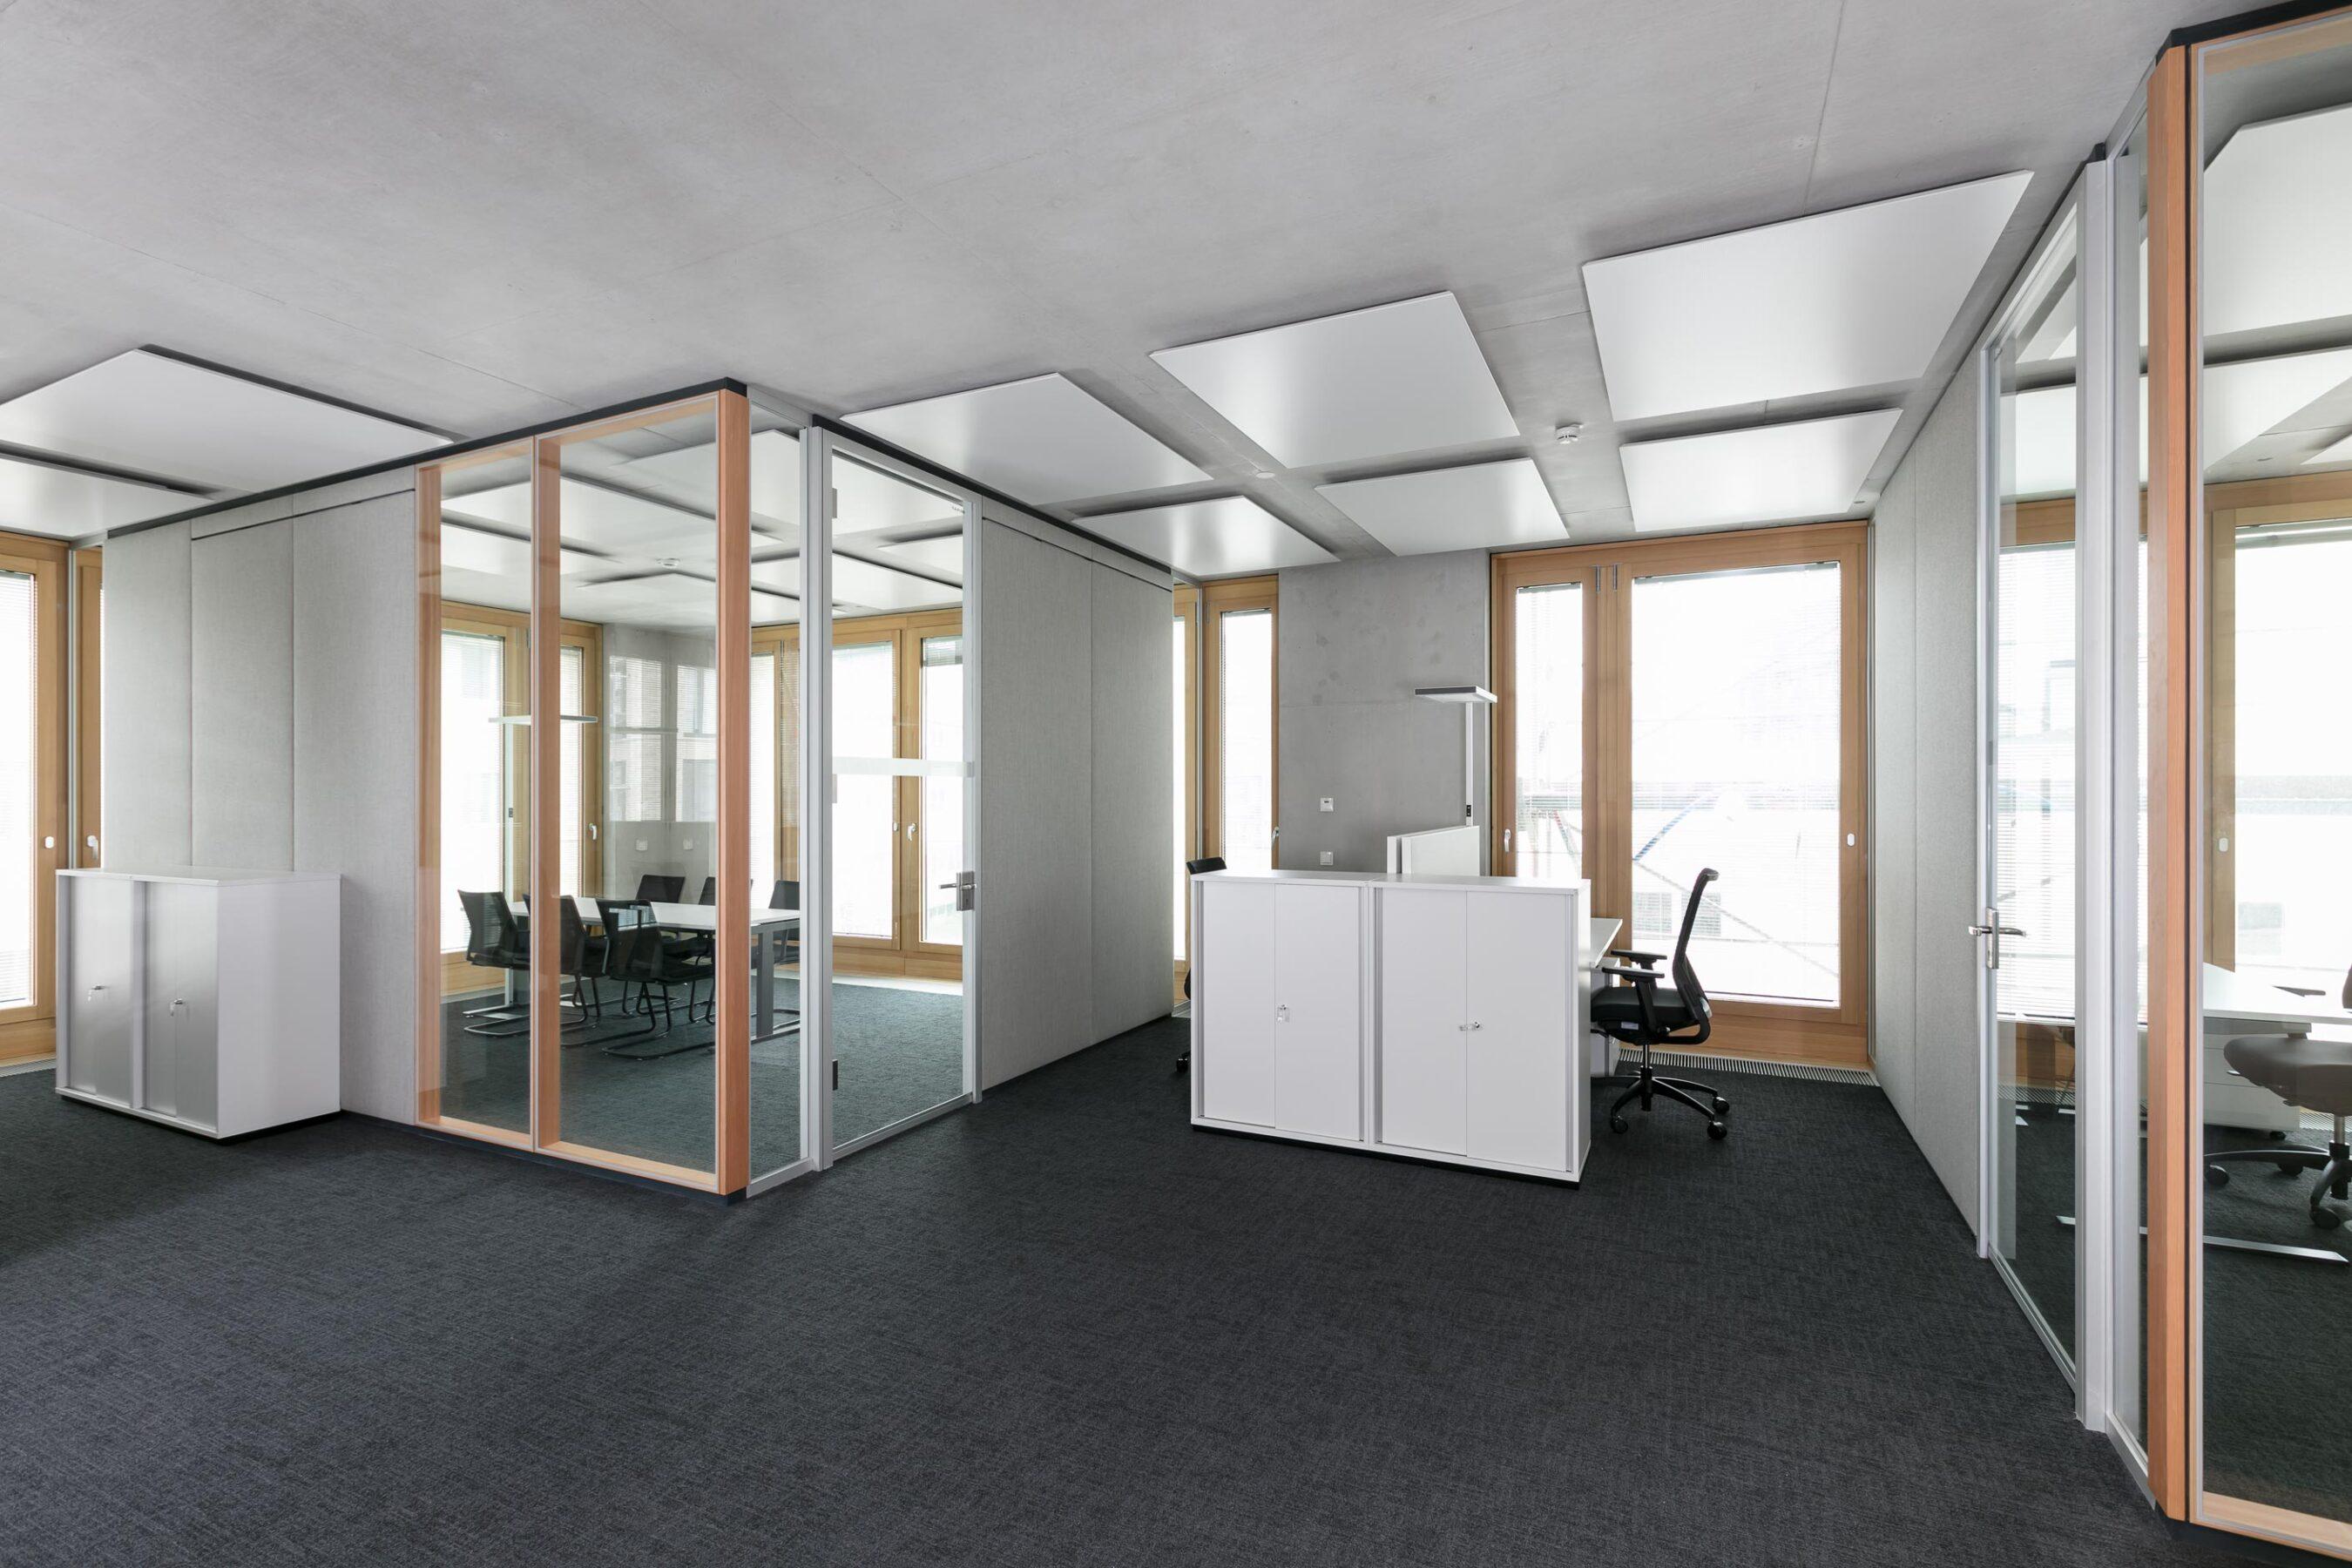 feco-feederle│Trennwandsysteme│W&W Campus Wüstenrot, Kornwestheim